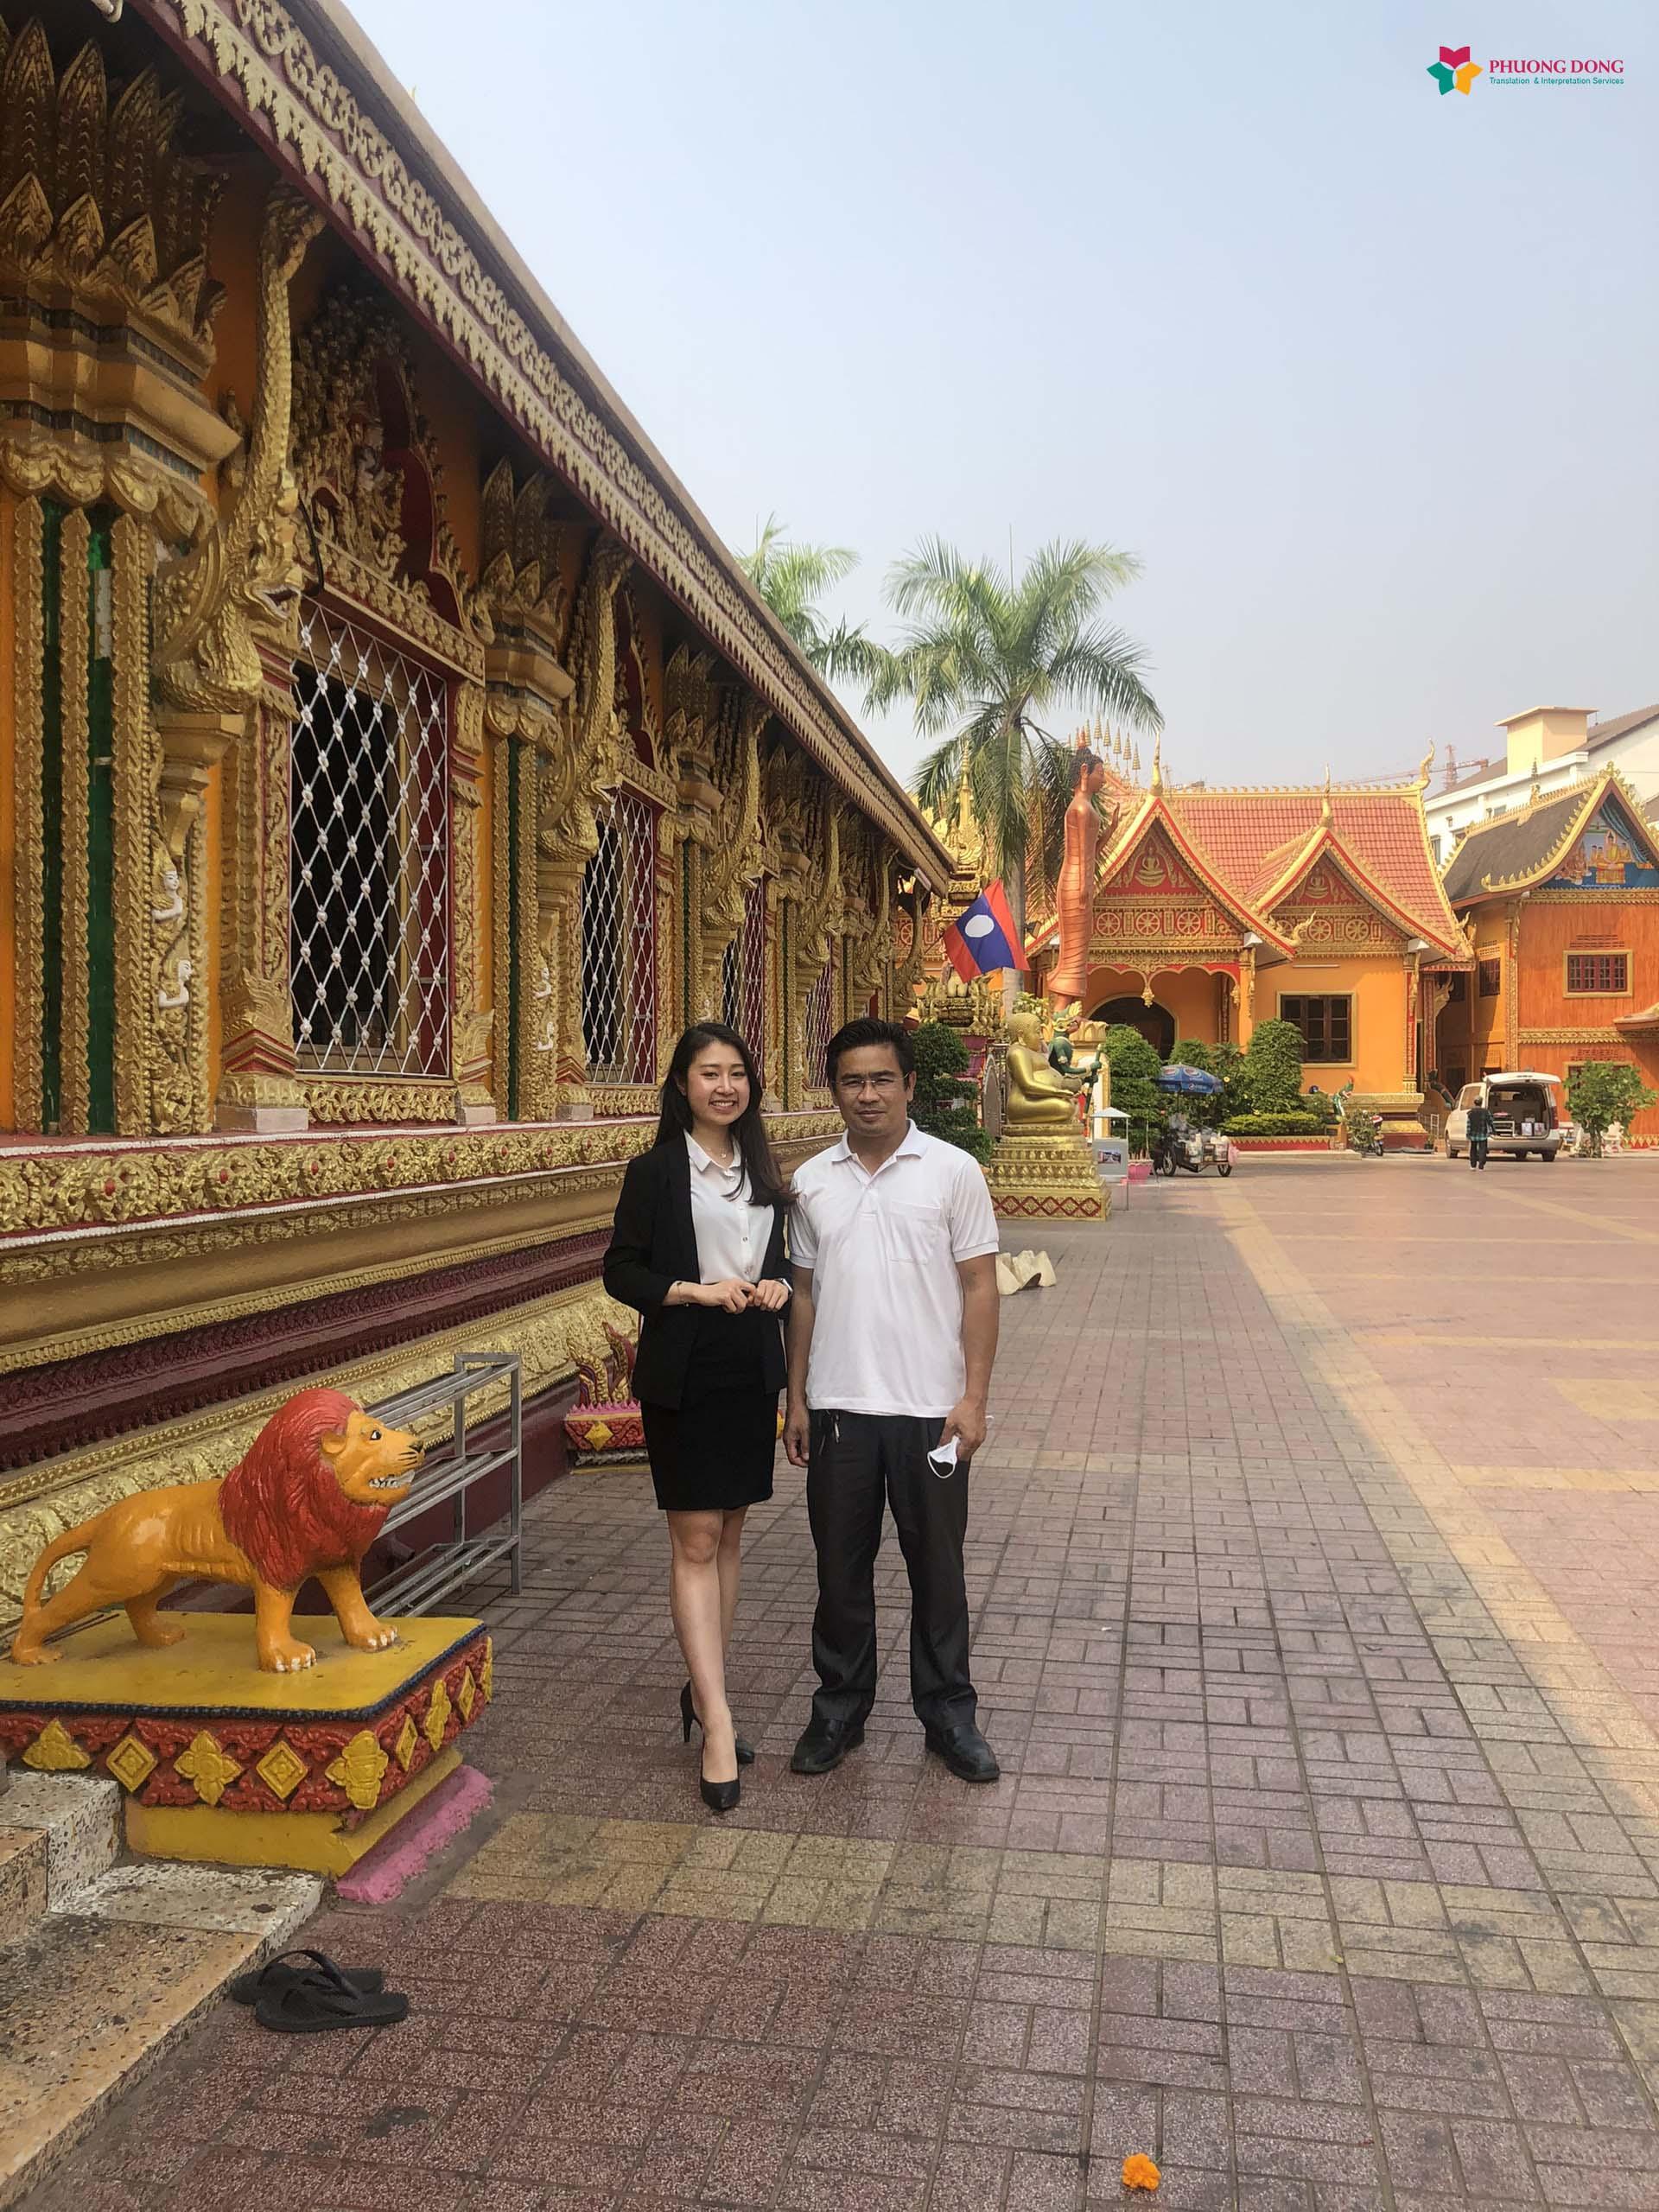 Phiên dịch viên chụp ảnh kỷ niệm tại Lào